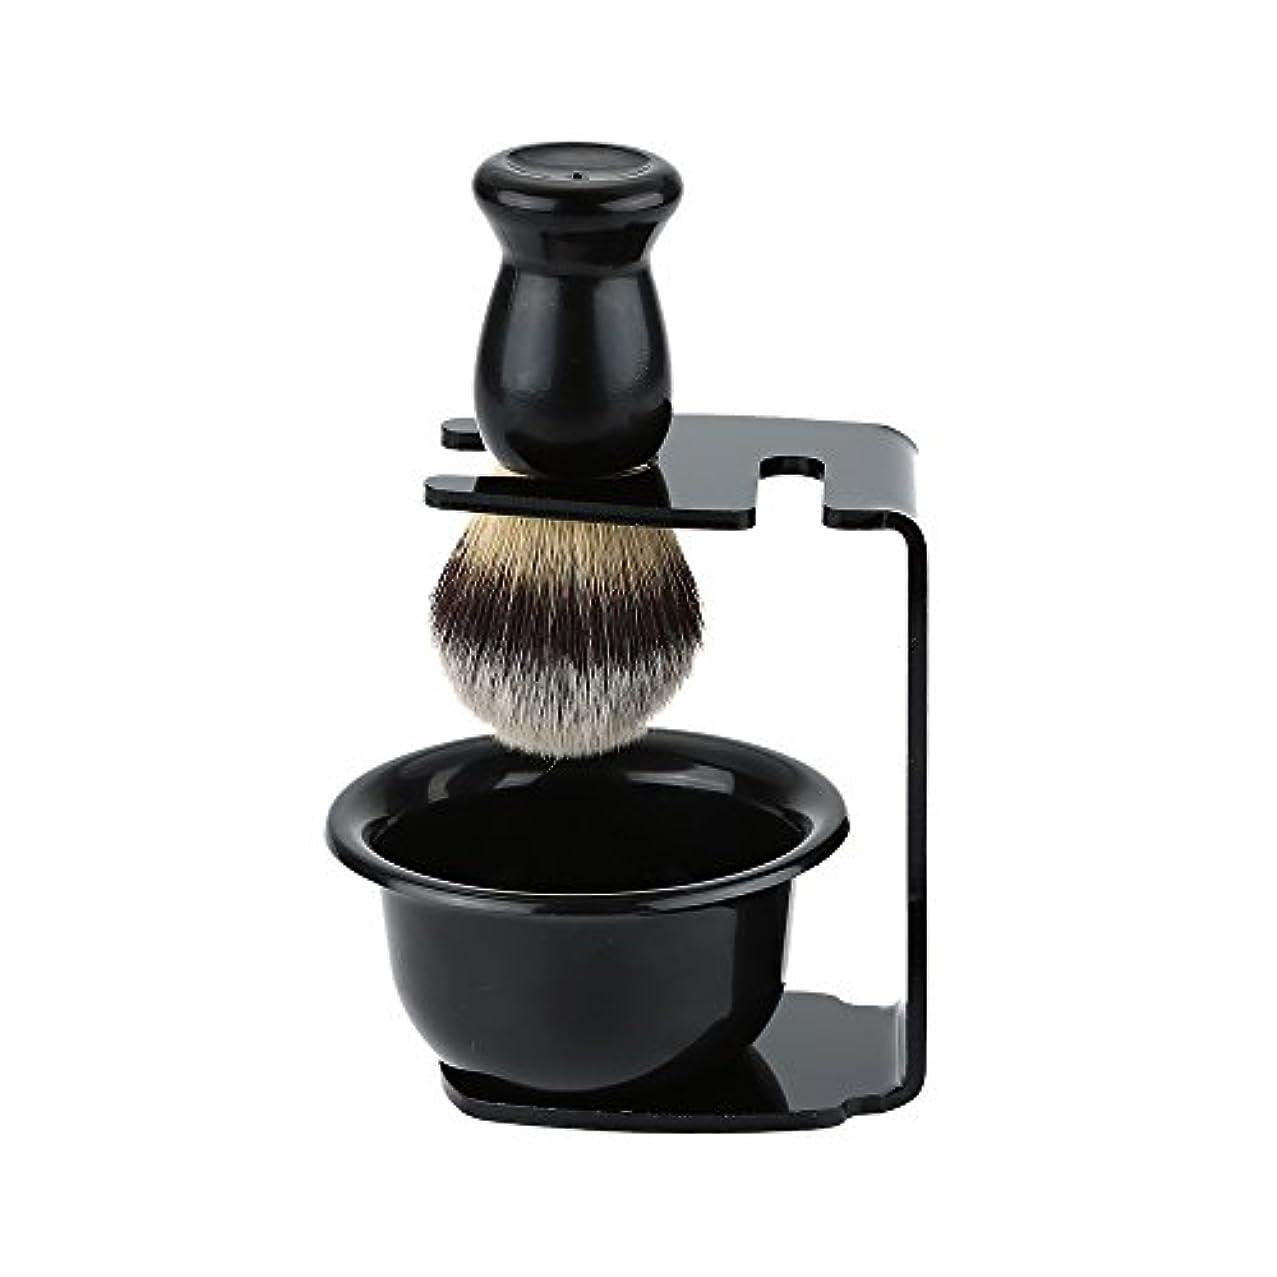 ハグワーディアンケースかみそりDecdeal シェービングセット ひげブラシ 髭剃り 泡立ち メンズ シェービングツール